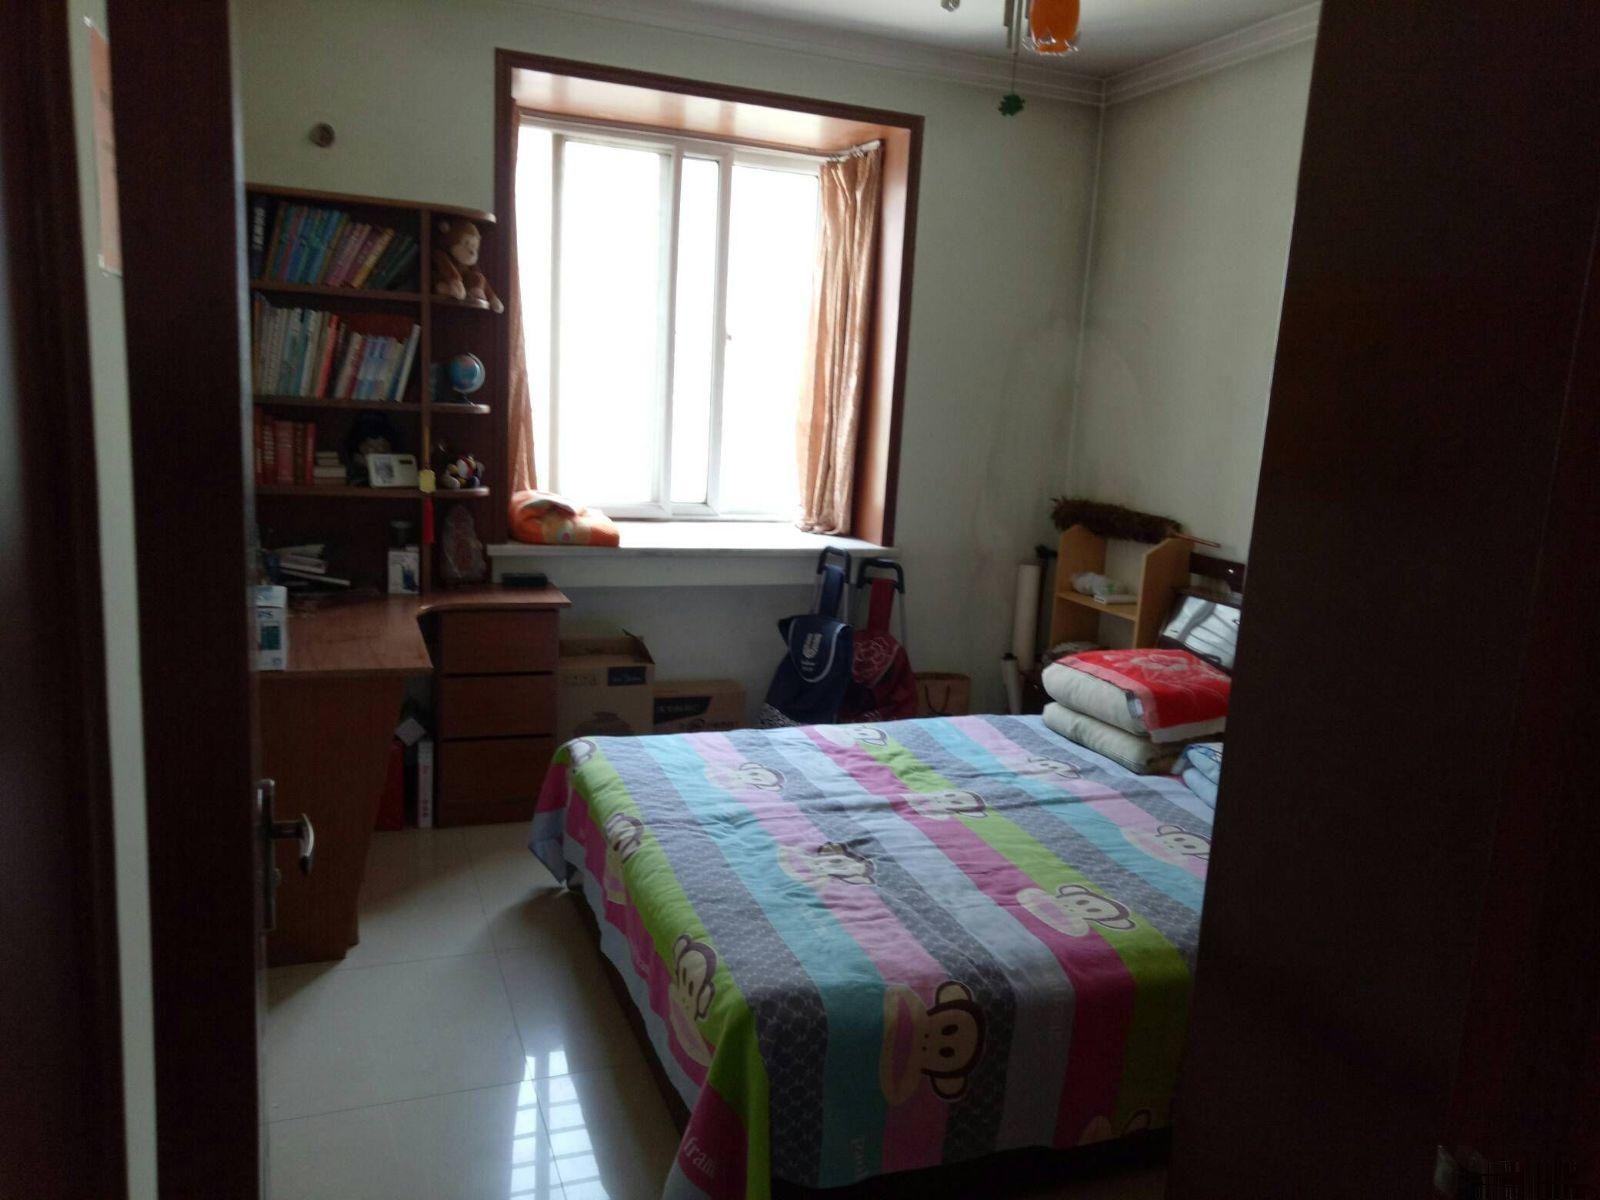 岗当新村,好楼层两室,全套家具家电, 出租,有钥匙岗当新村